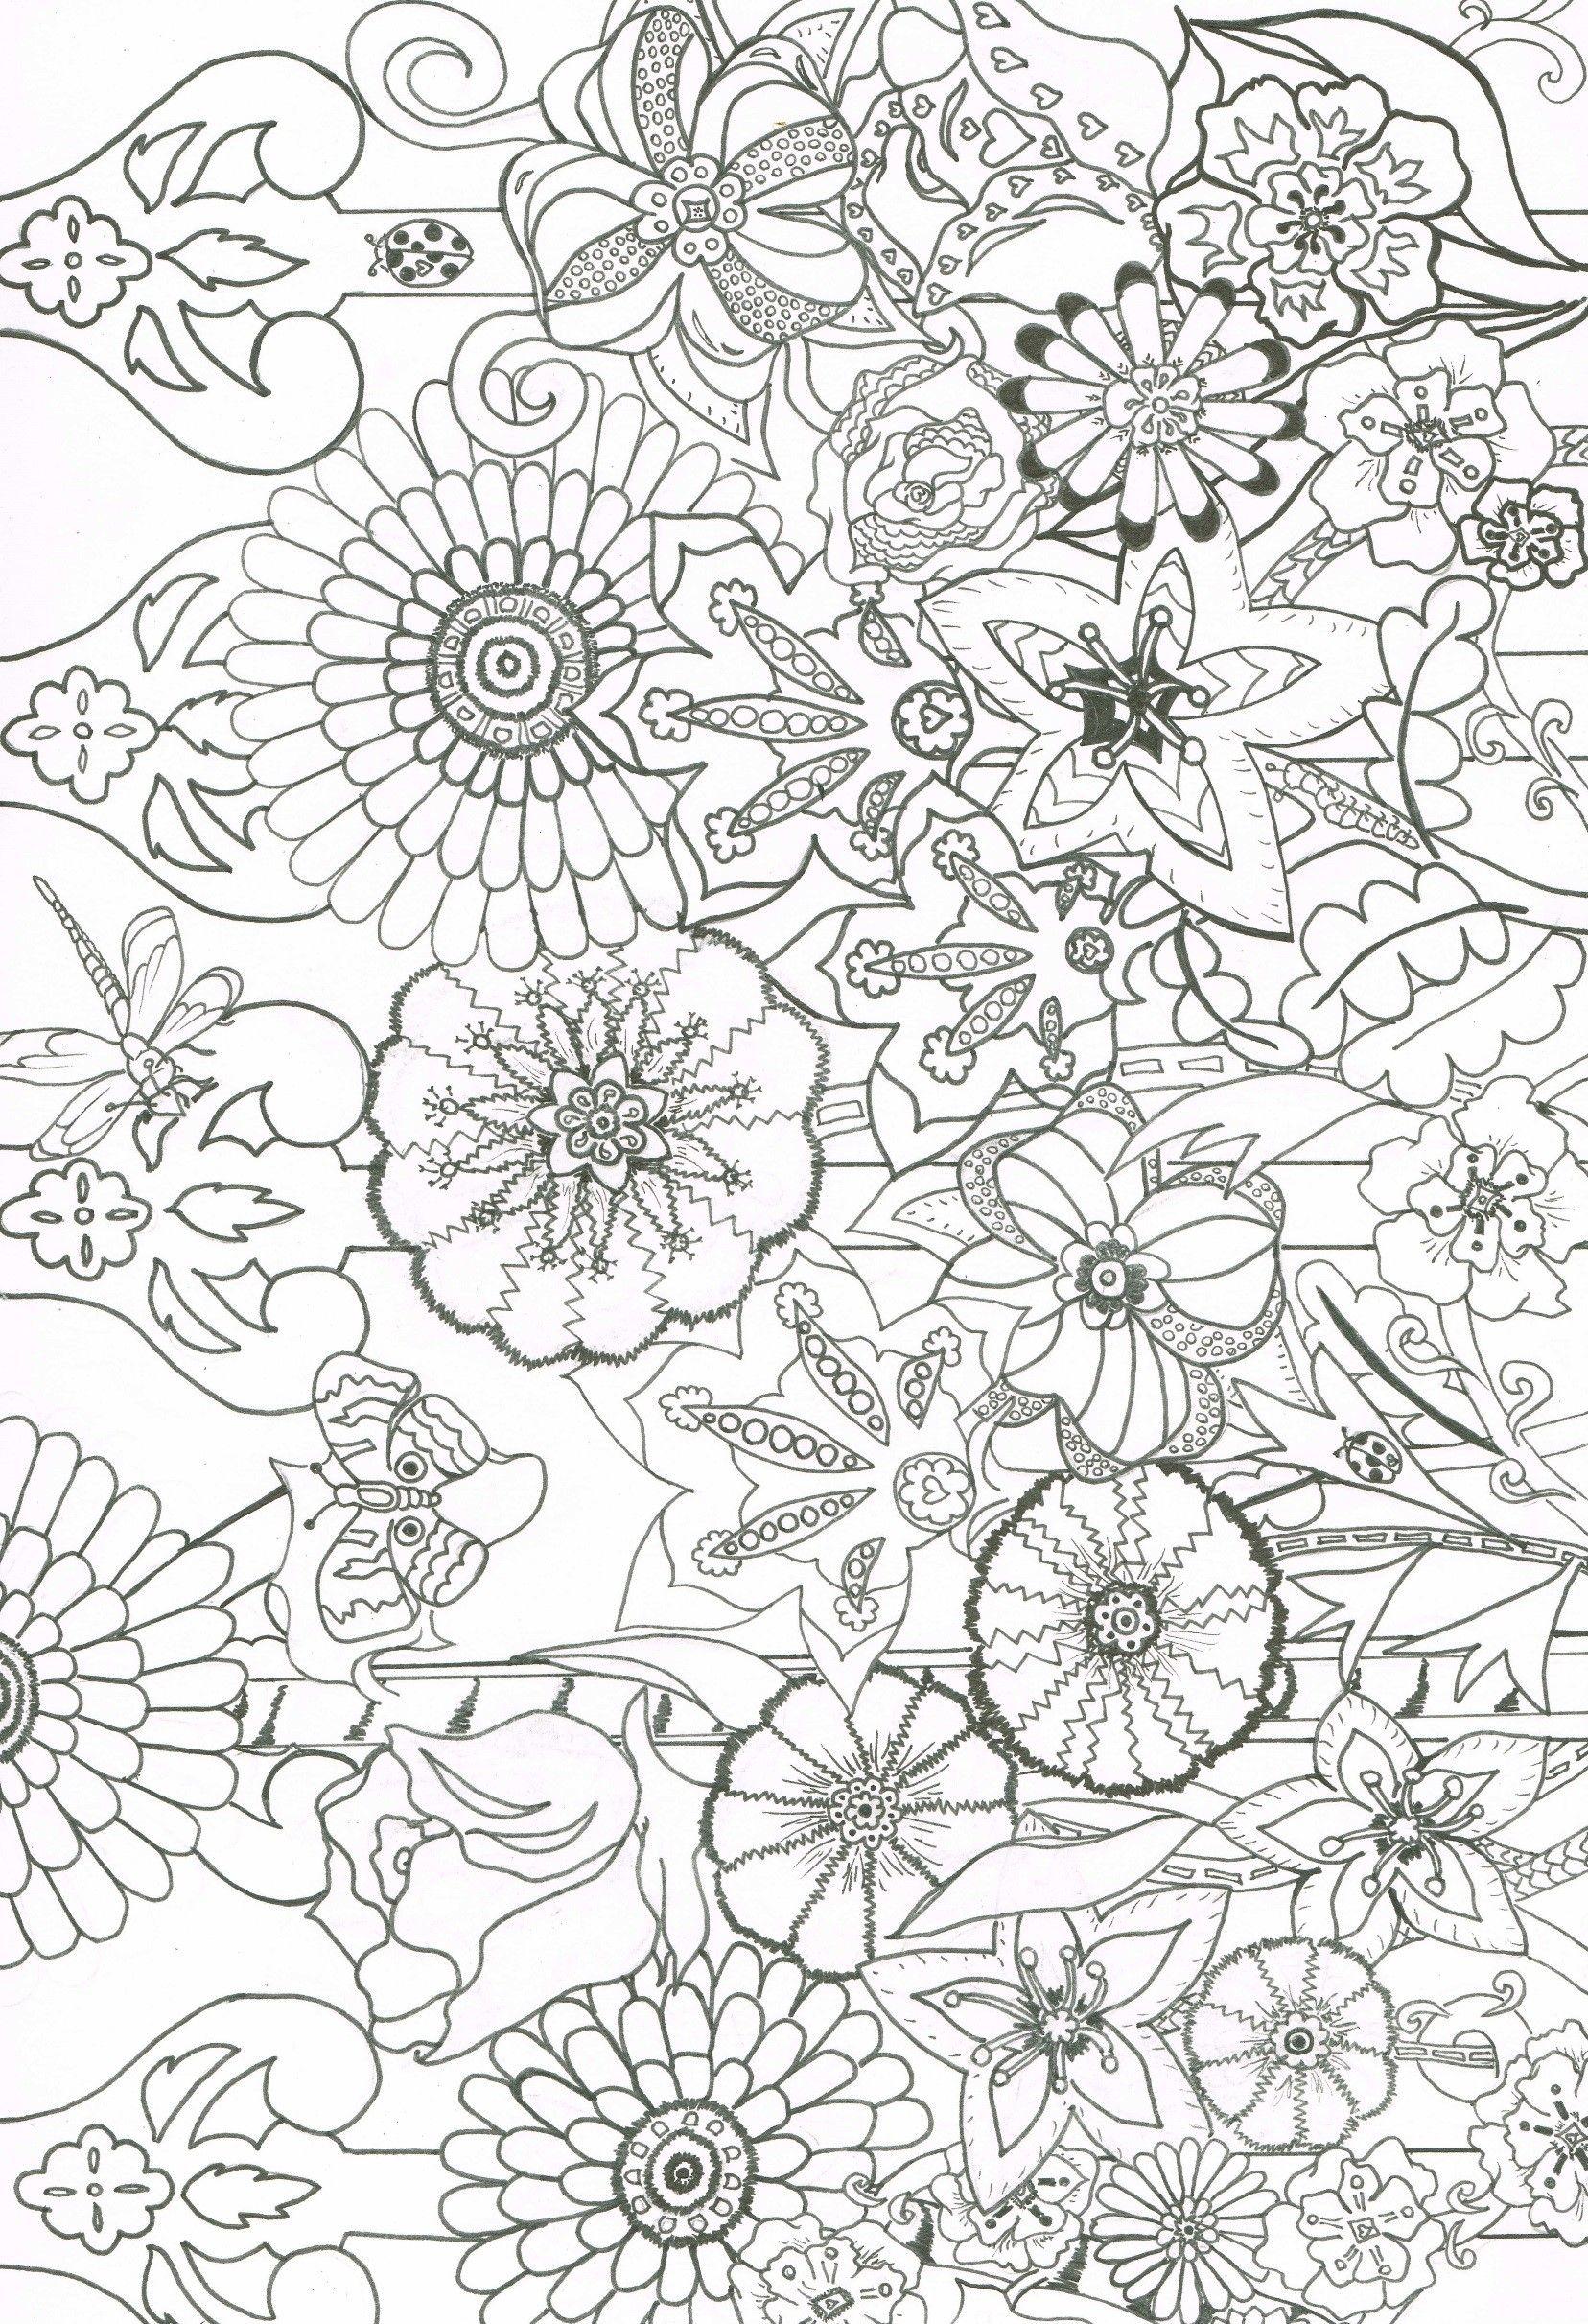 Glorious Garden Coloring Book